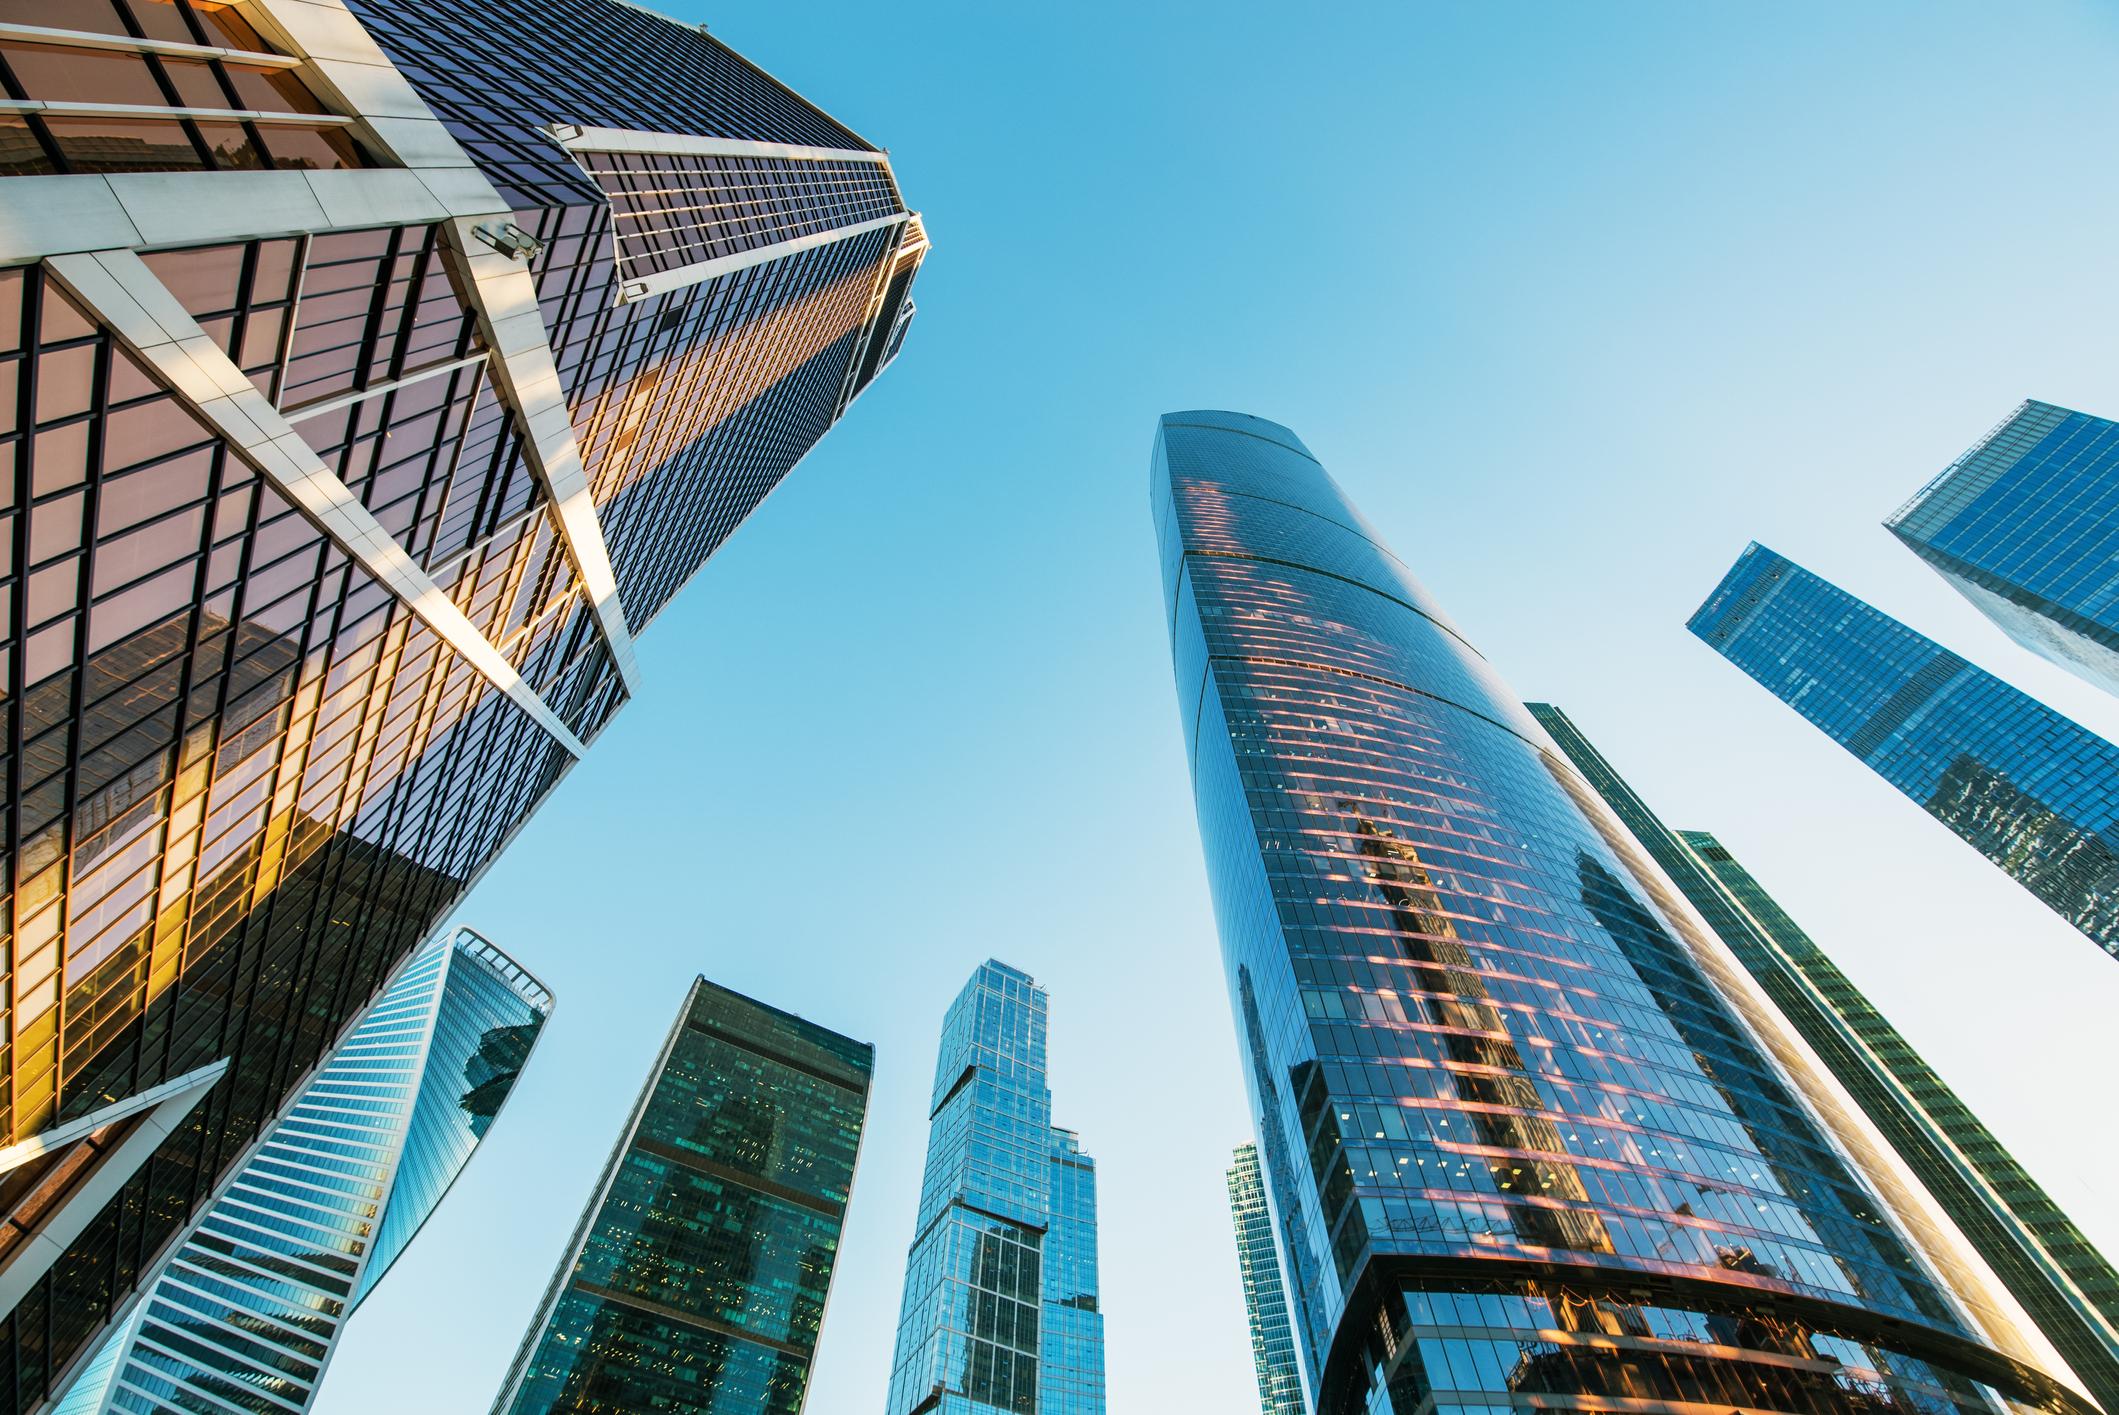 Smart building architecture